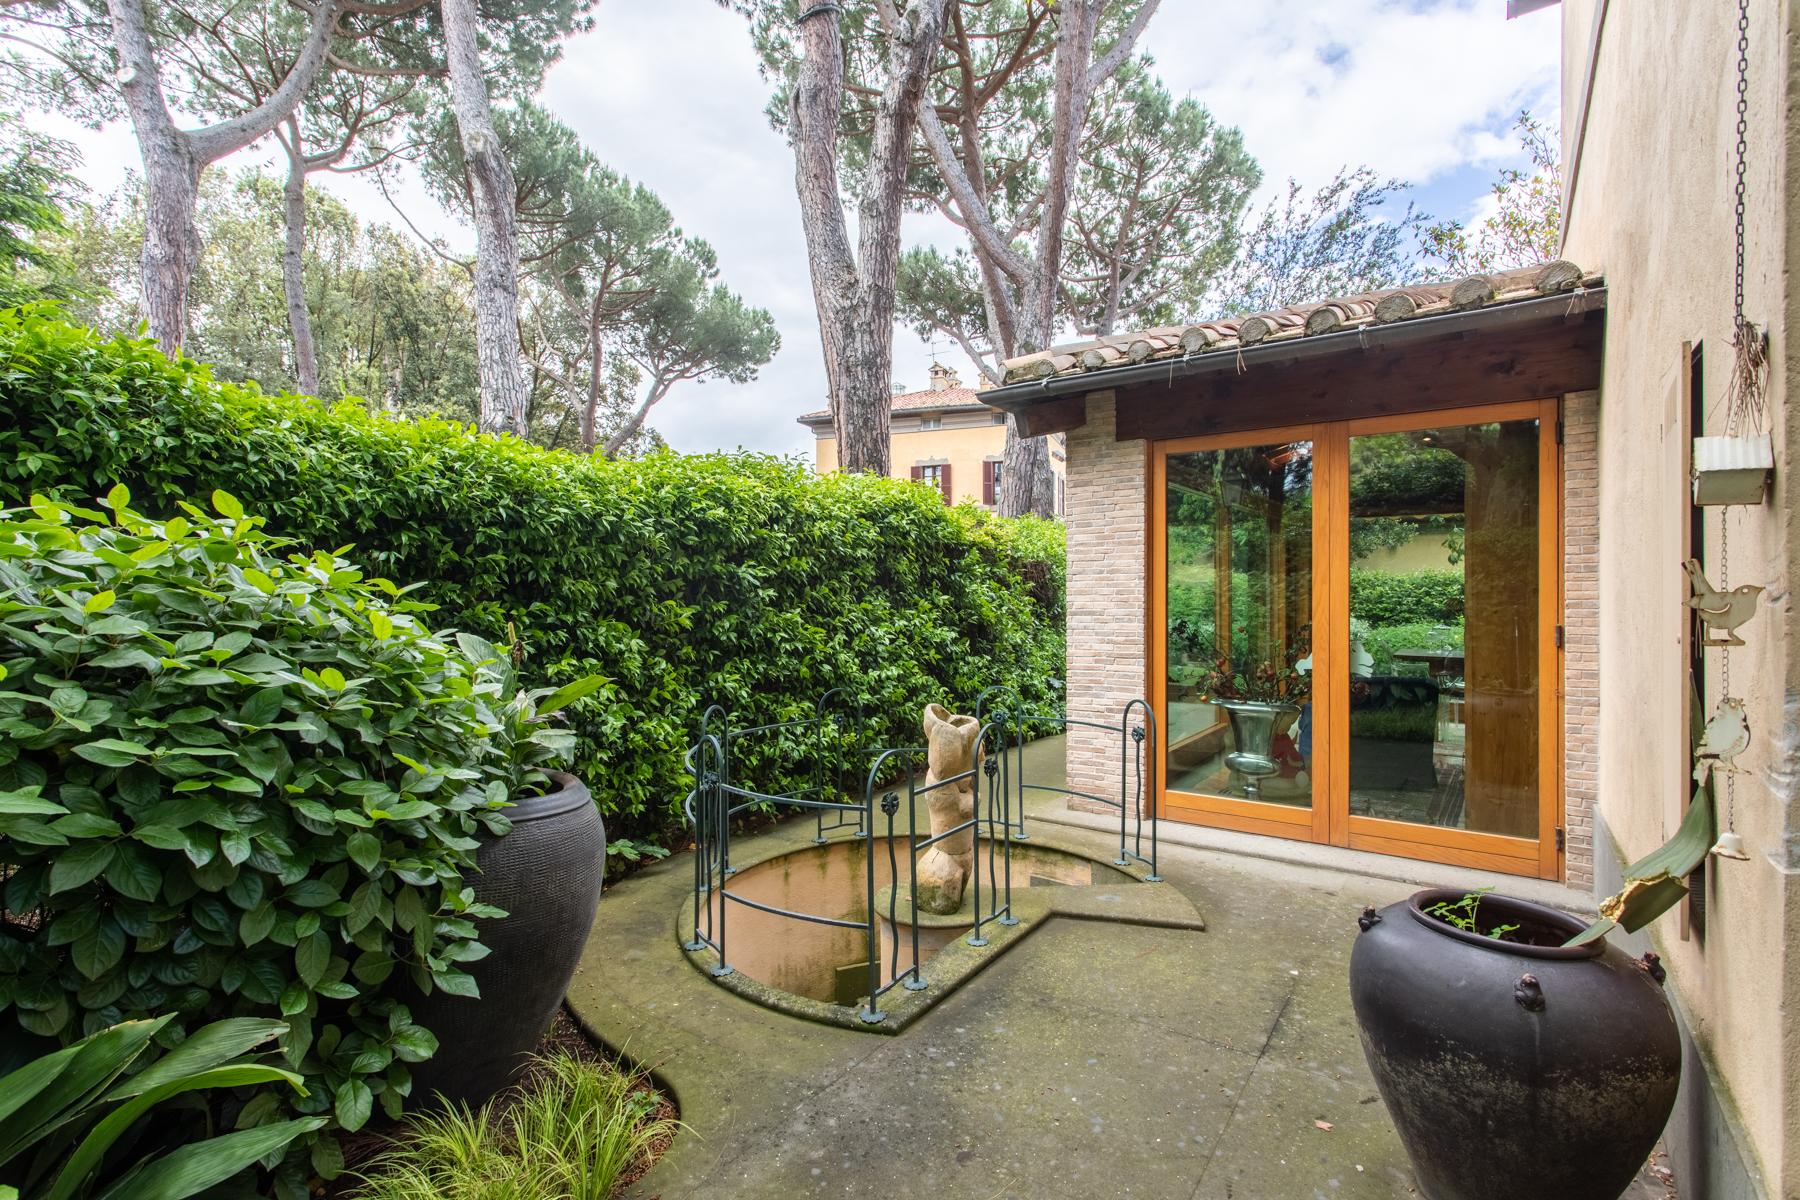 Villa in Vendita a Castel Gandolfo: 5 locali, 400 mq - Foto 24